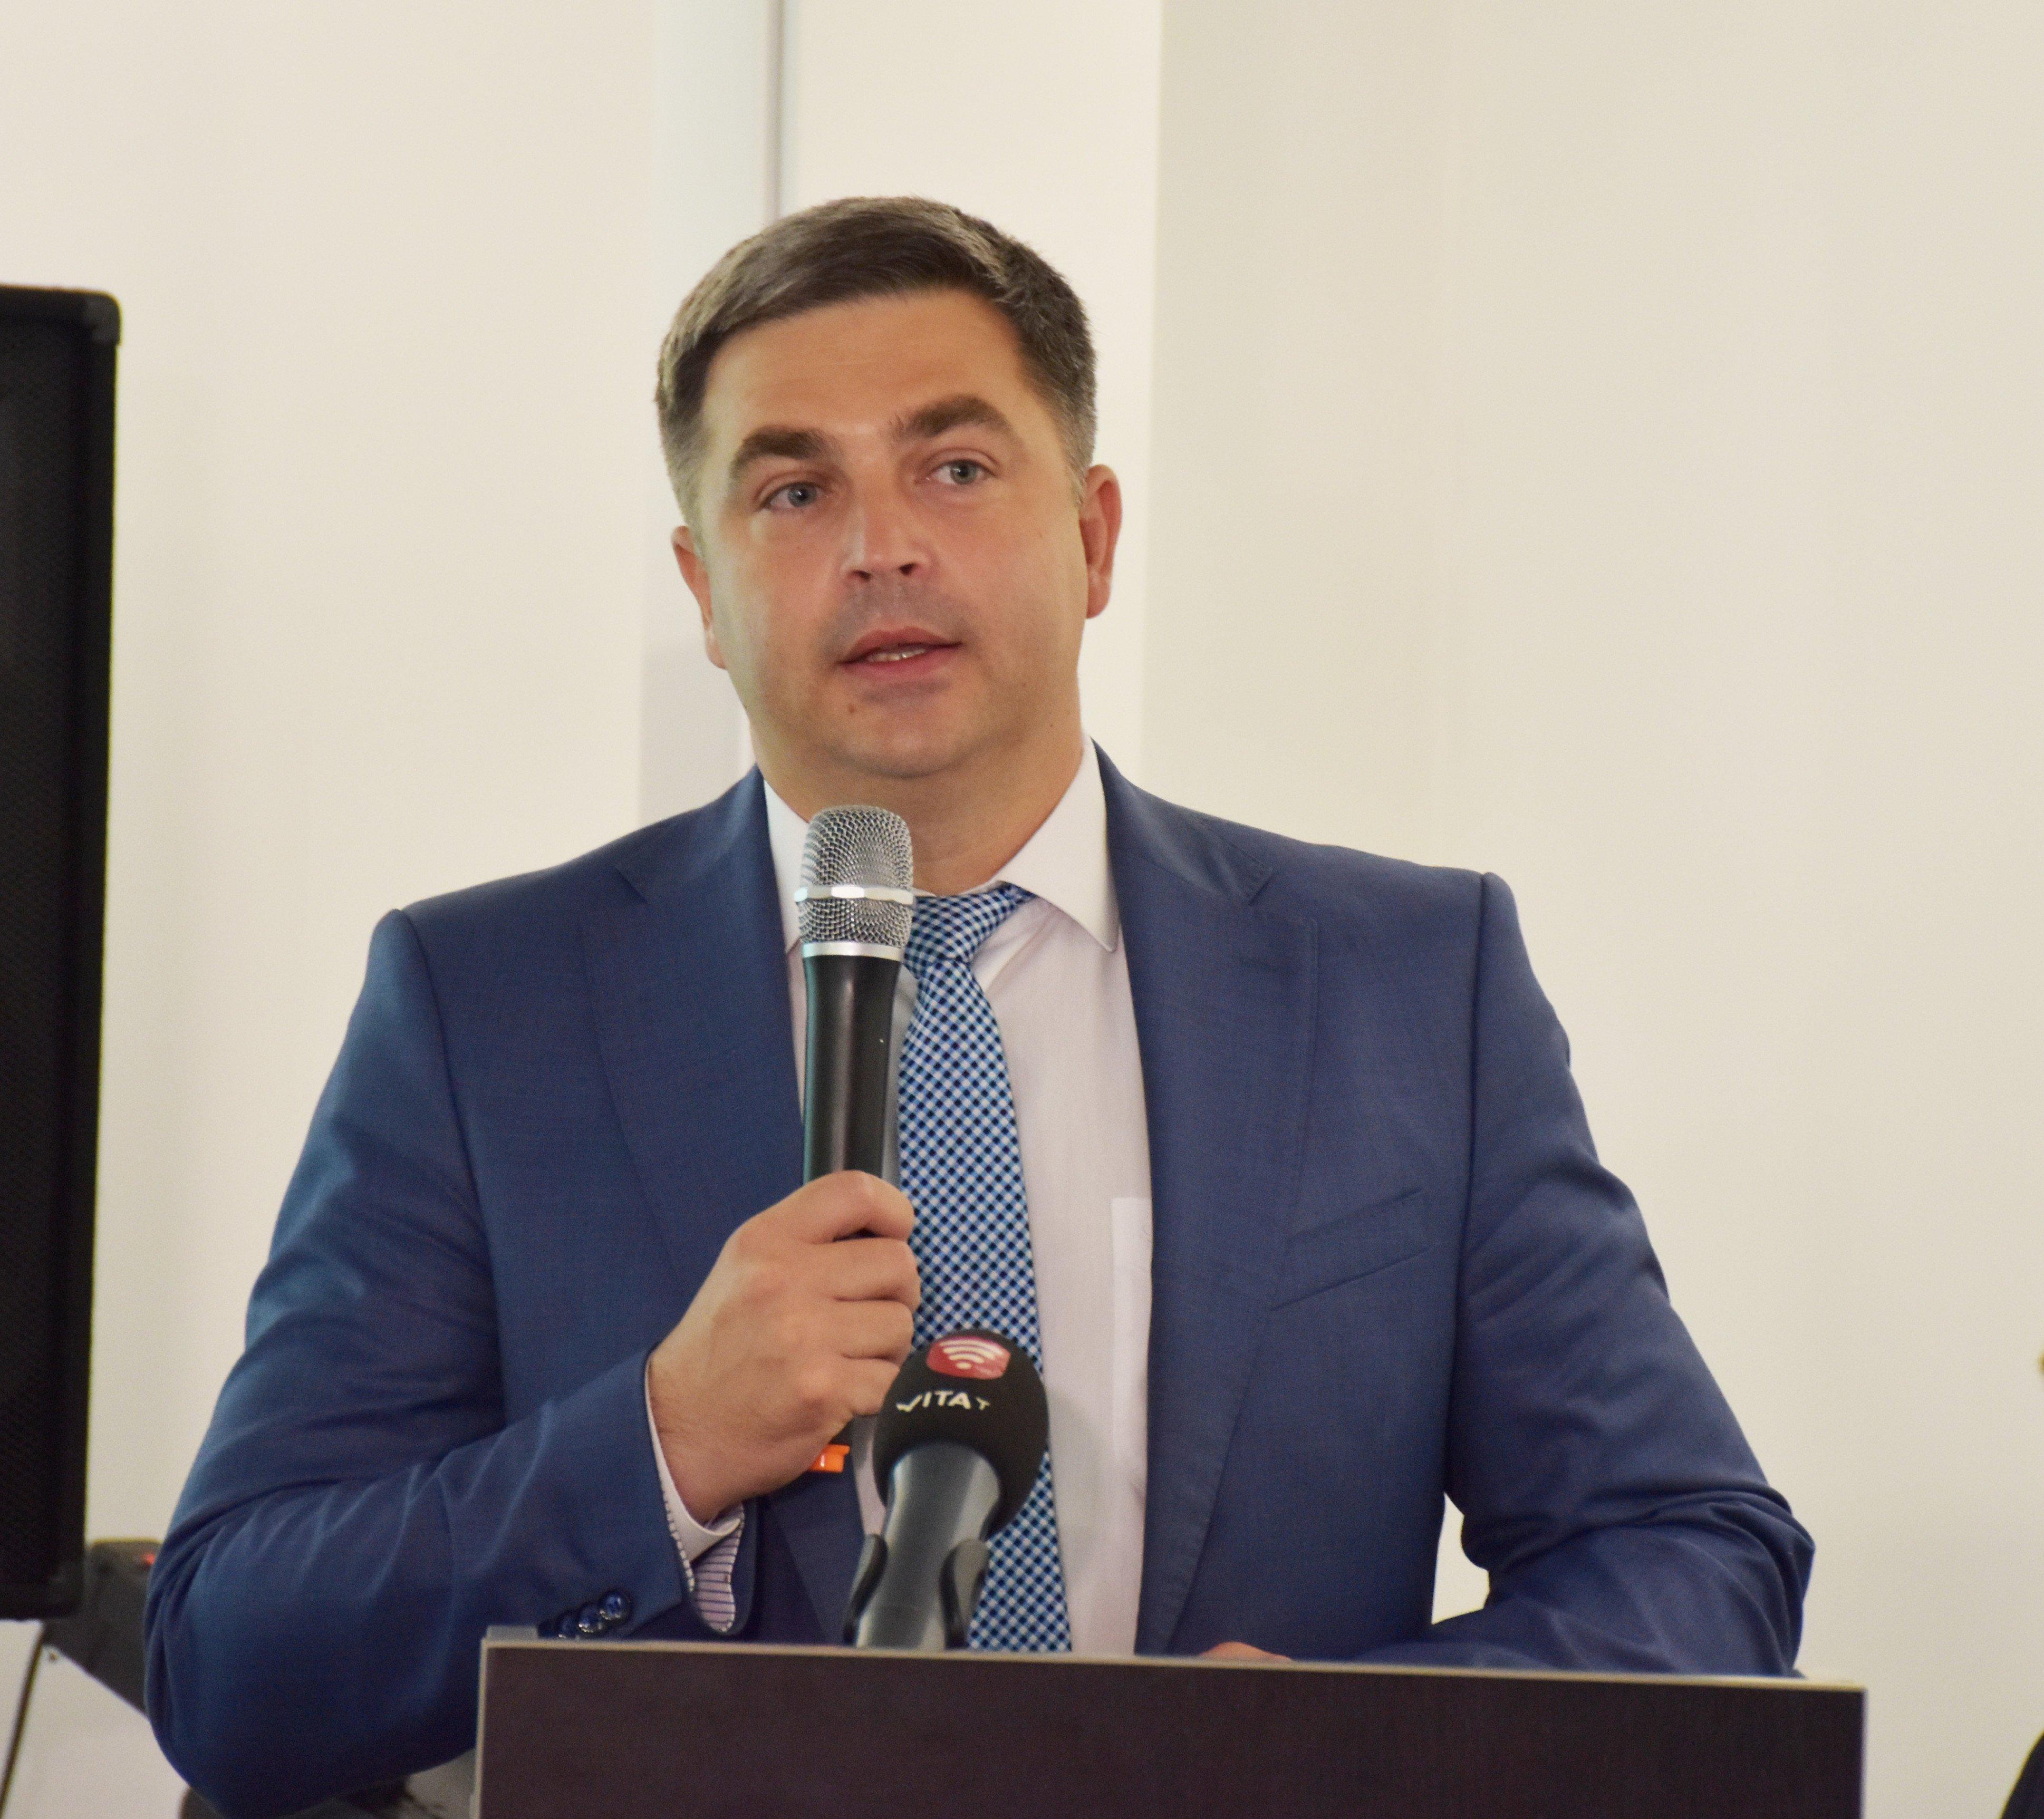 директор департамента экономики и инвестиций Винницкого городского совета Виталий Погосян